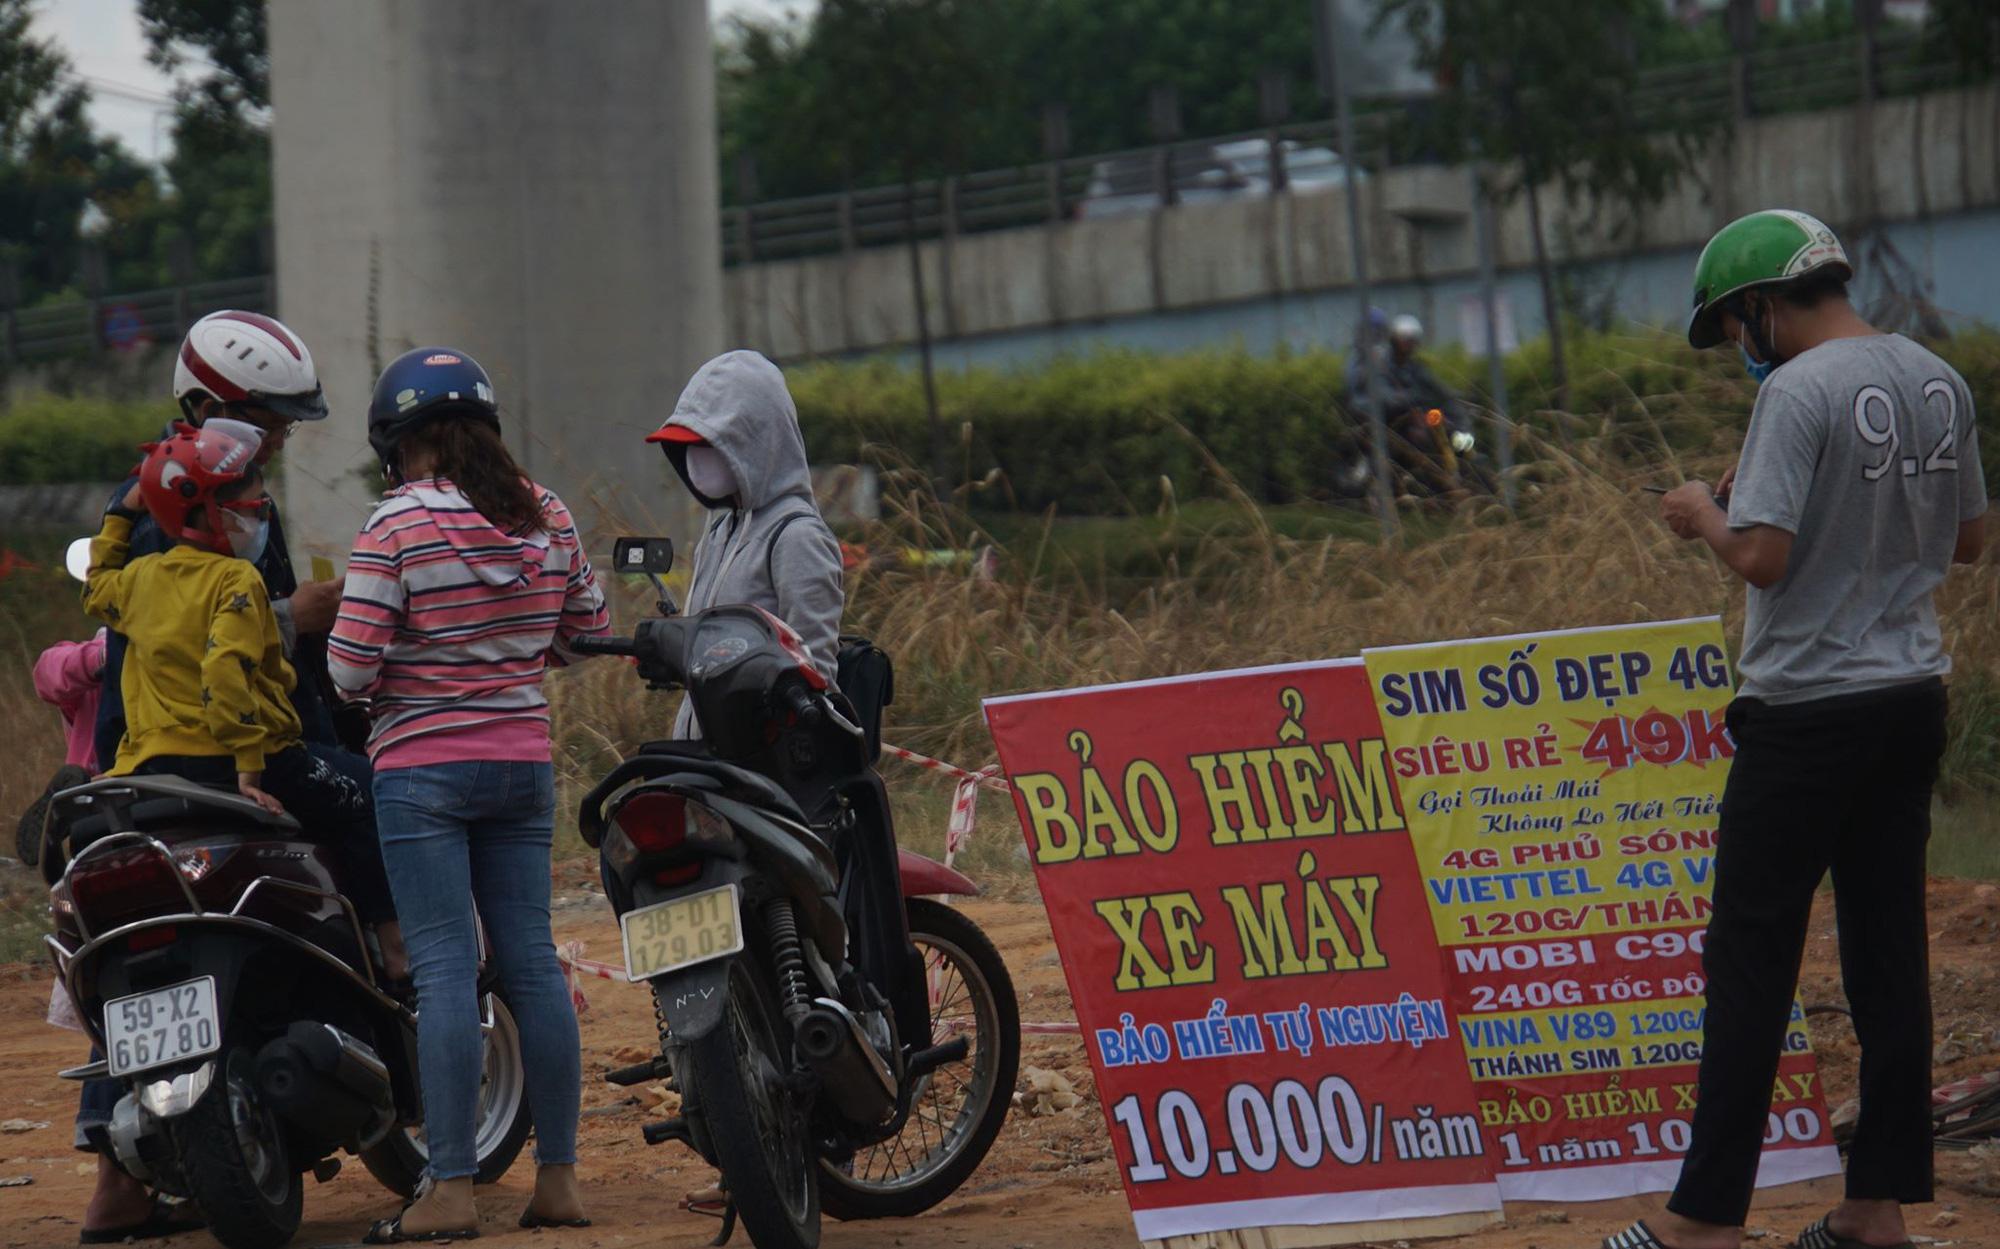 Bảo hiểm xe máy 10.000 đồng mọc lên như nấm ở lề đường Sài Gòn, người mua nguy cơ